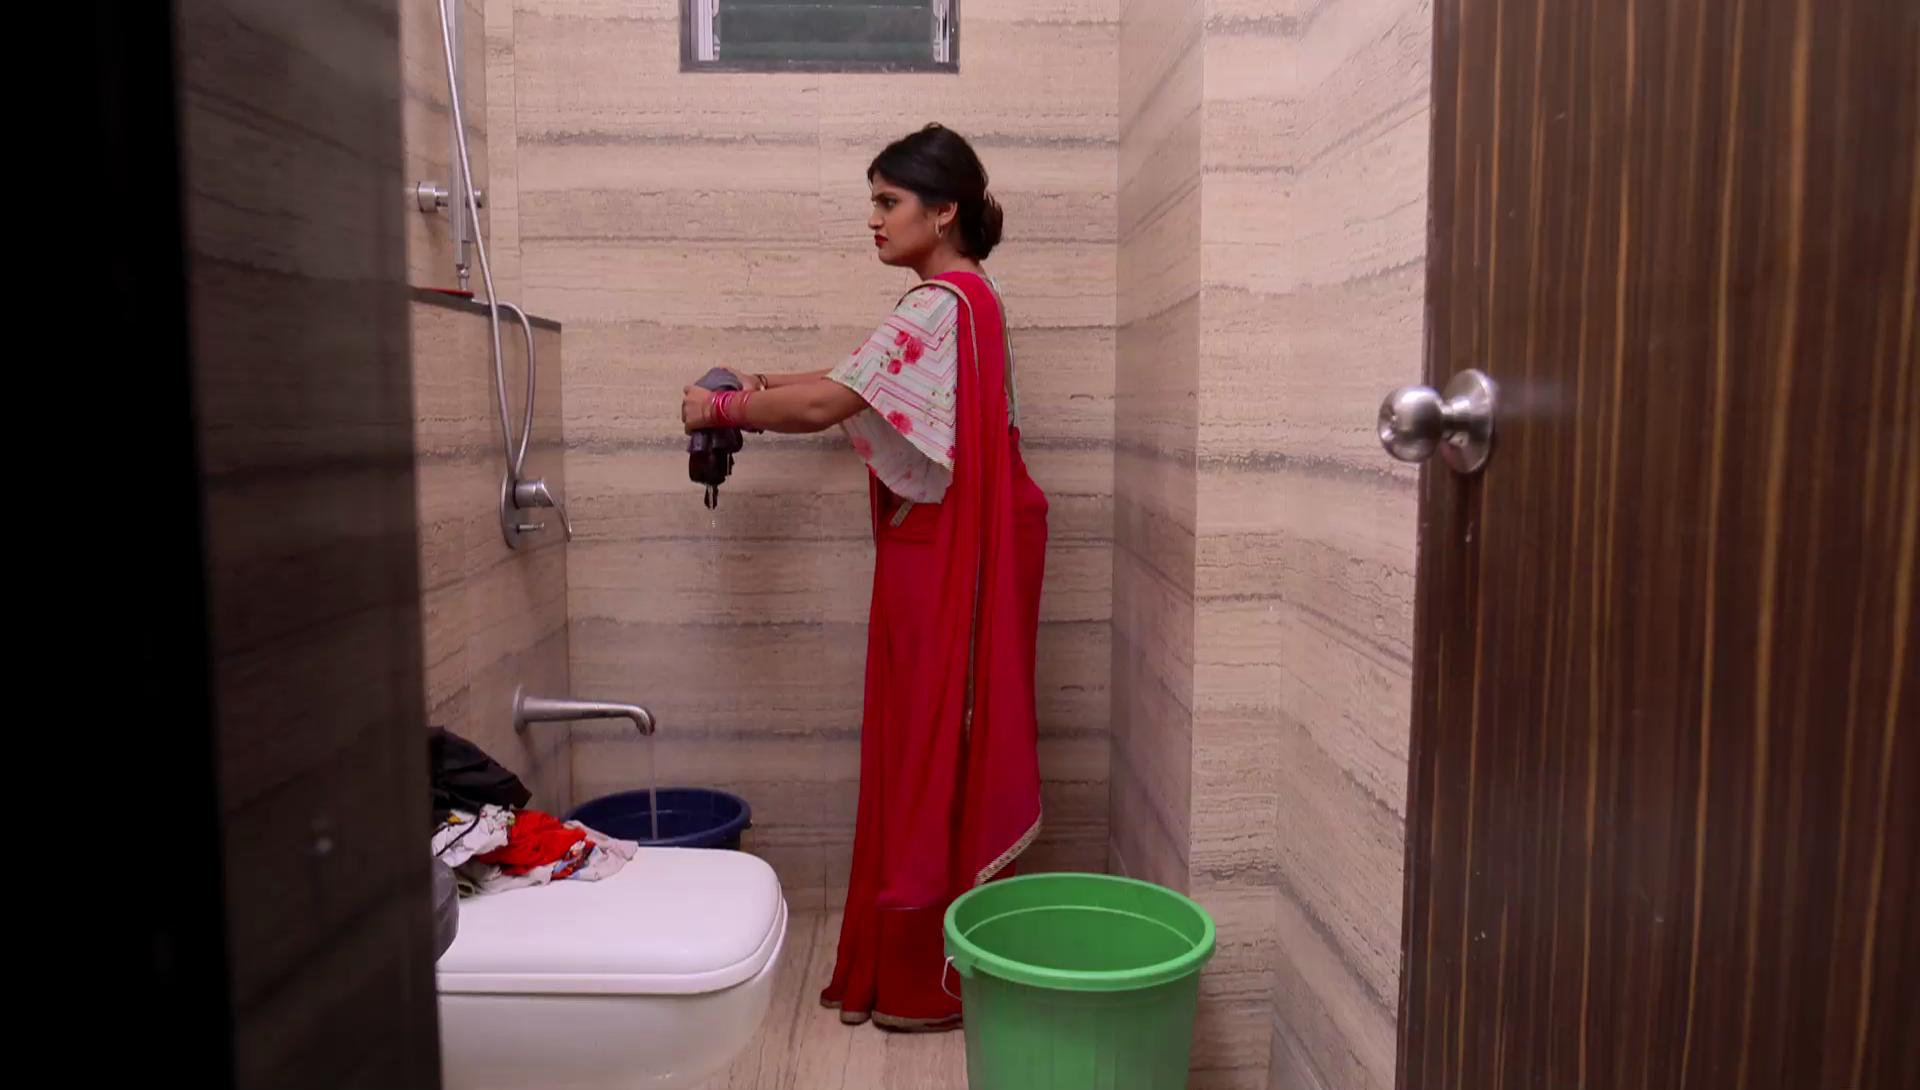 शनाया बाथरूममध्ये कपडे धुवायला सुरू करते.